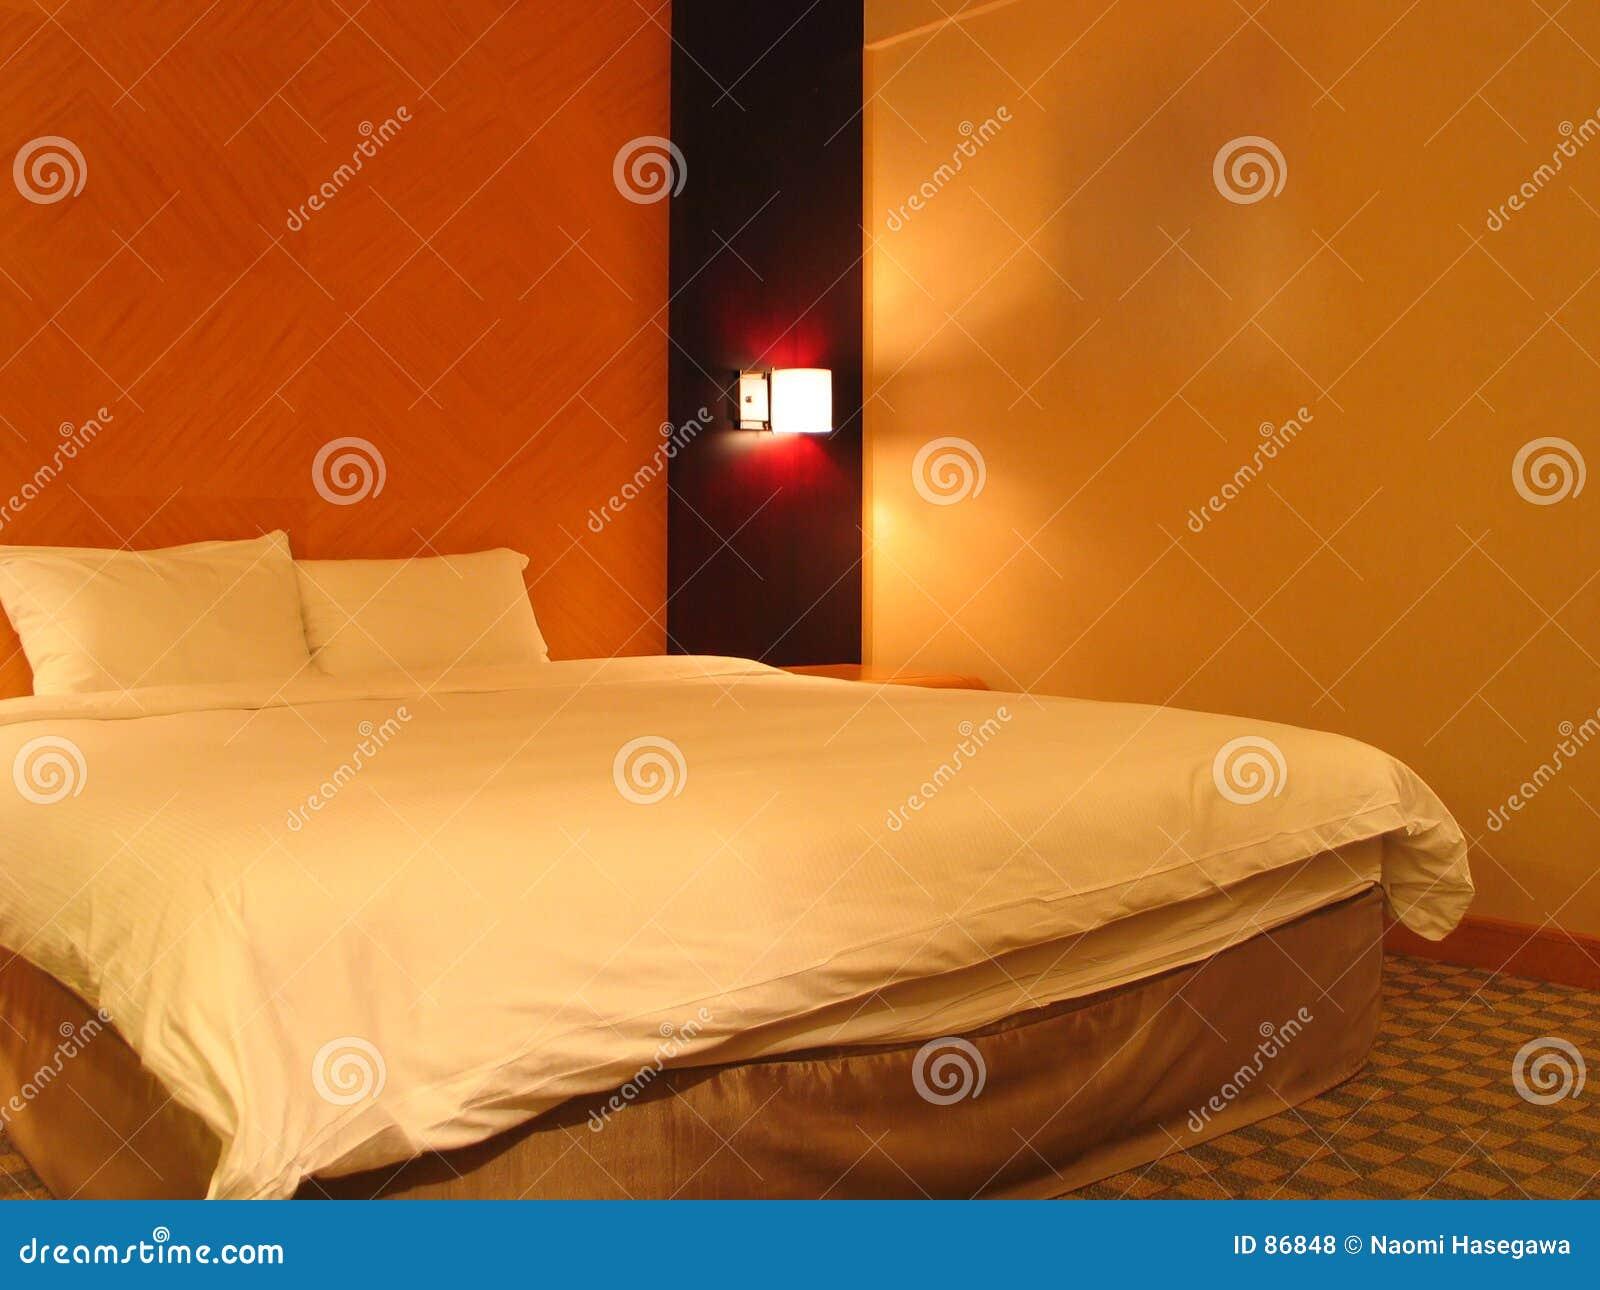 Bedroom hotel